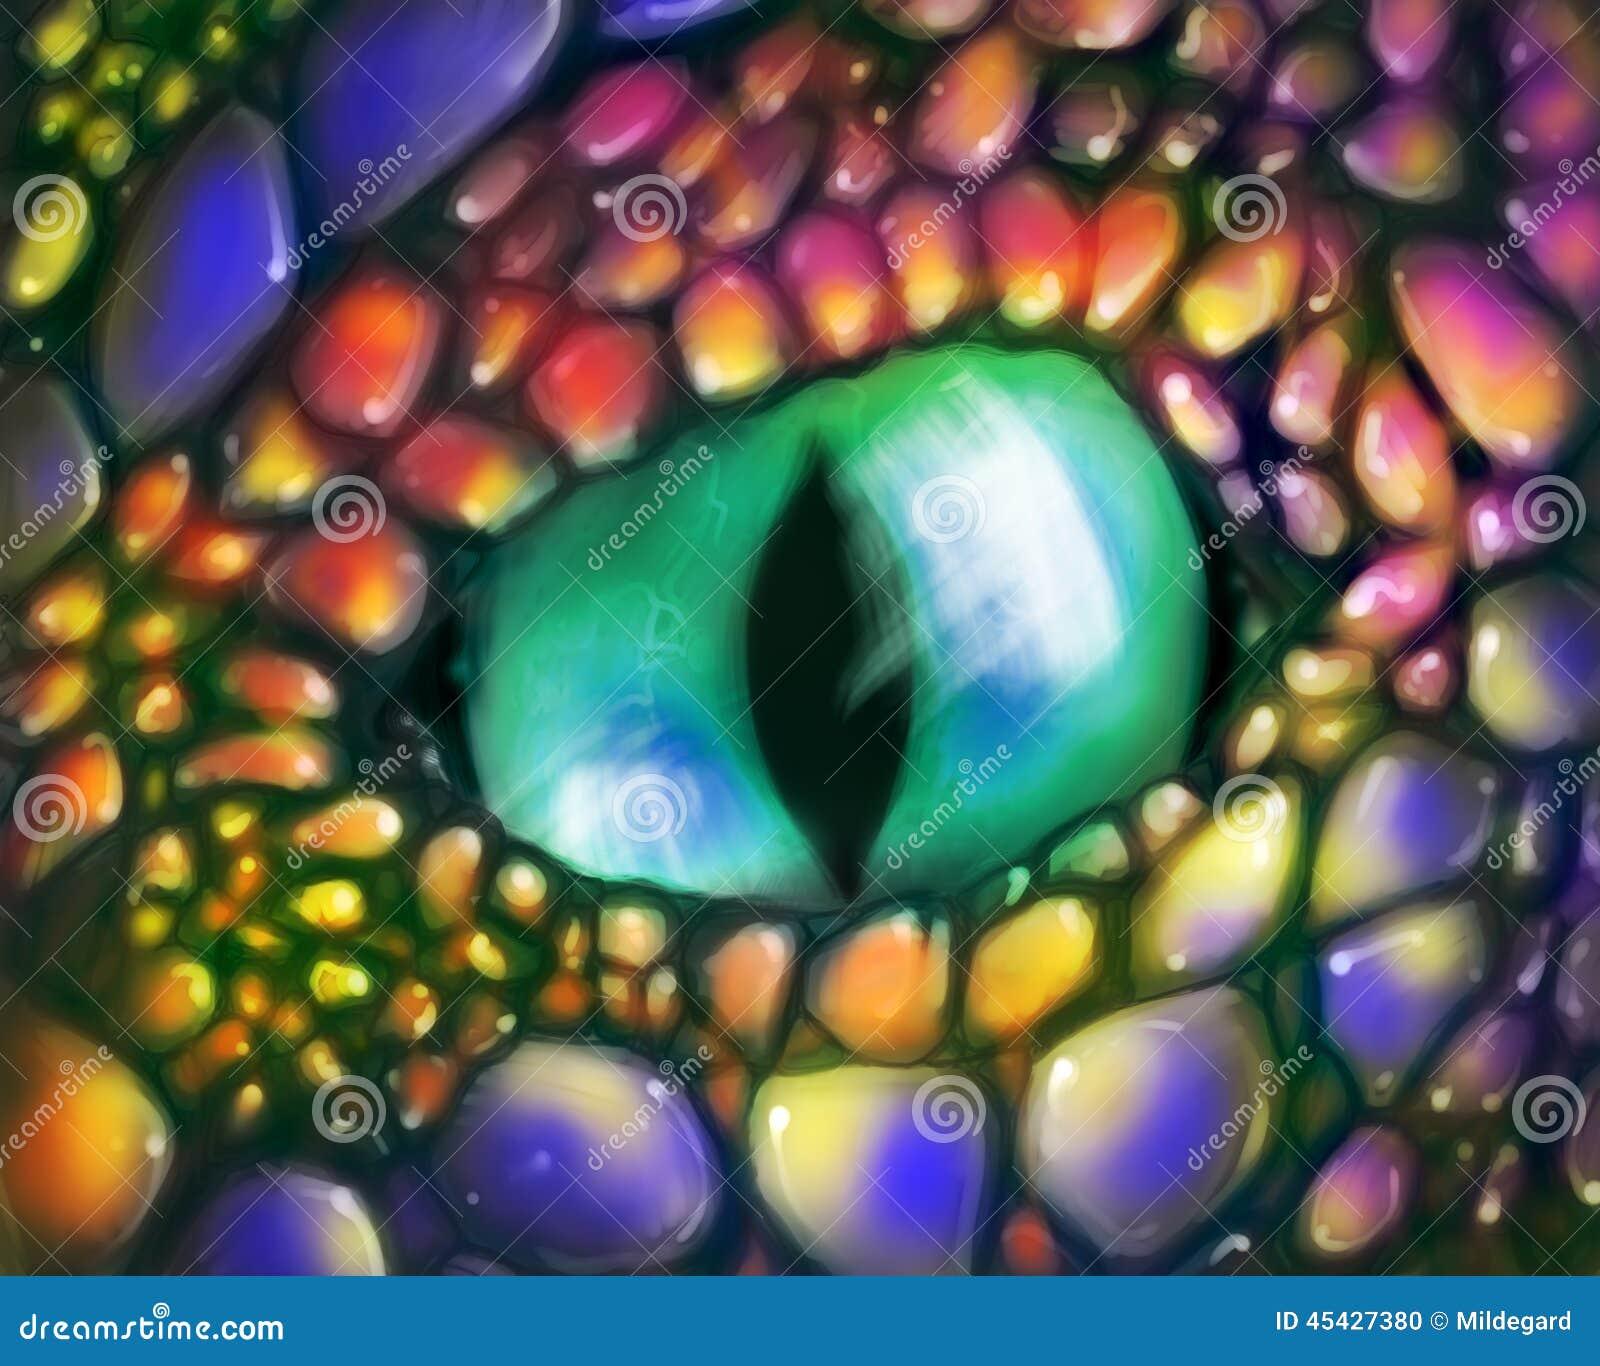 龙根天南星眼睛